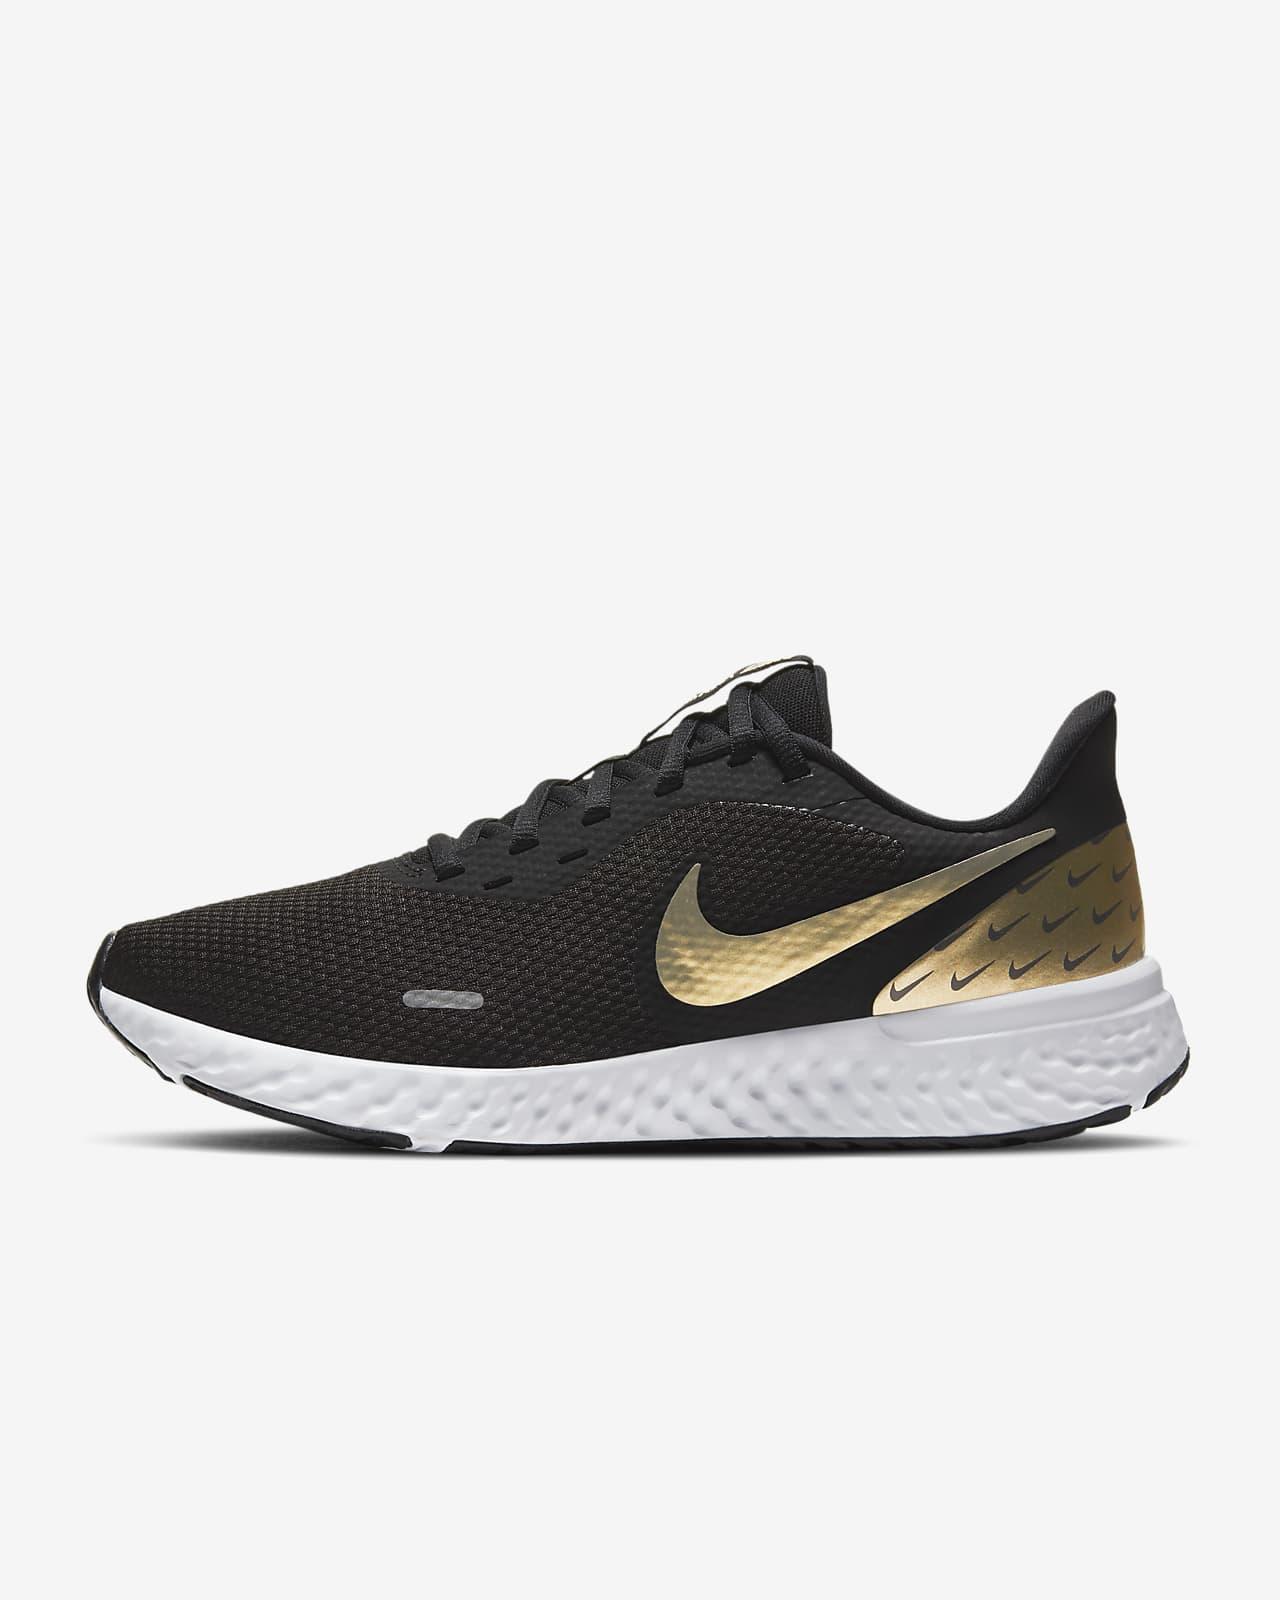 รองเท้าวิ่งผู้หญิง Nike Revolution 5 Premium